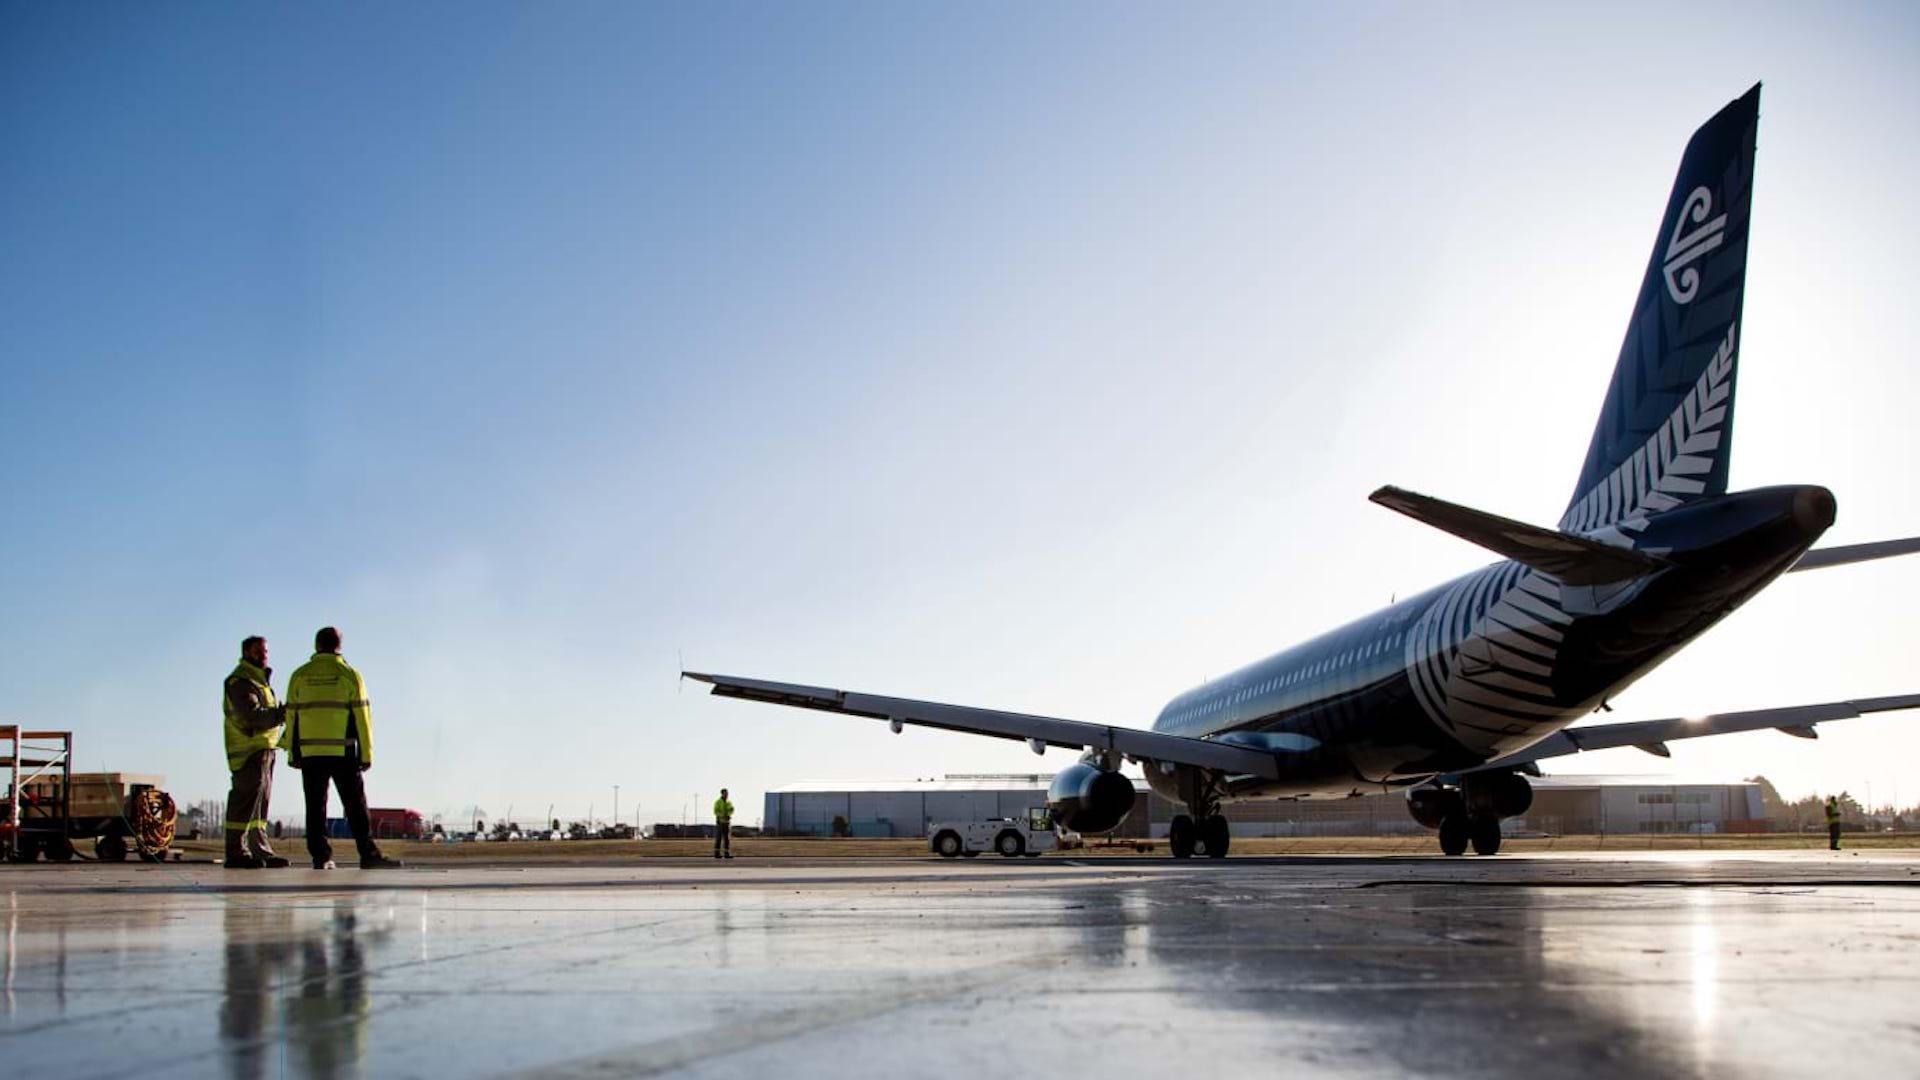 Air New Zealand elegida como la aerolínea más importante del mundo: las razones